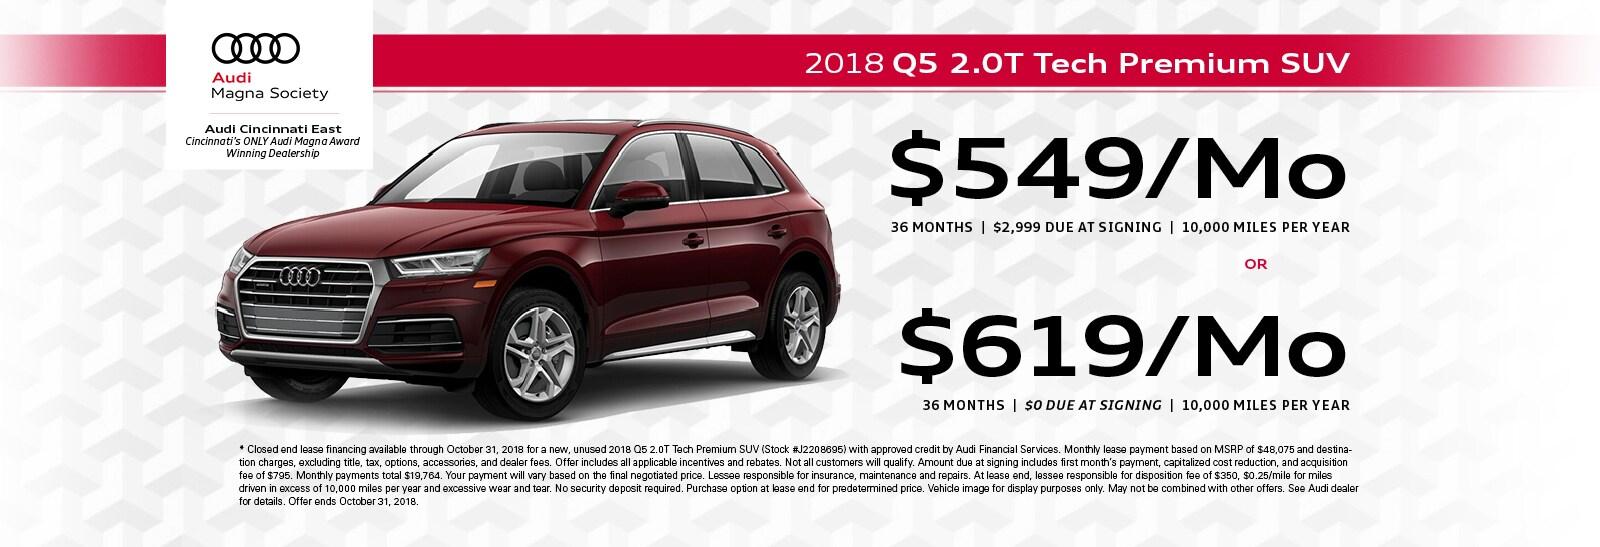 Audi Cincinnati East New Audi Used Luxury Car Dealer - Beechmont audi